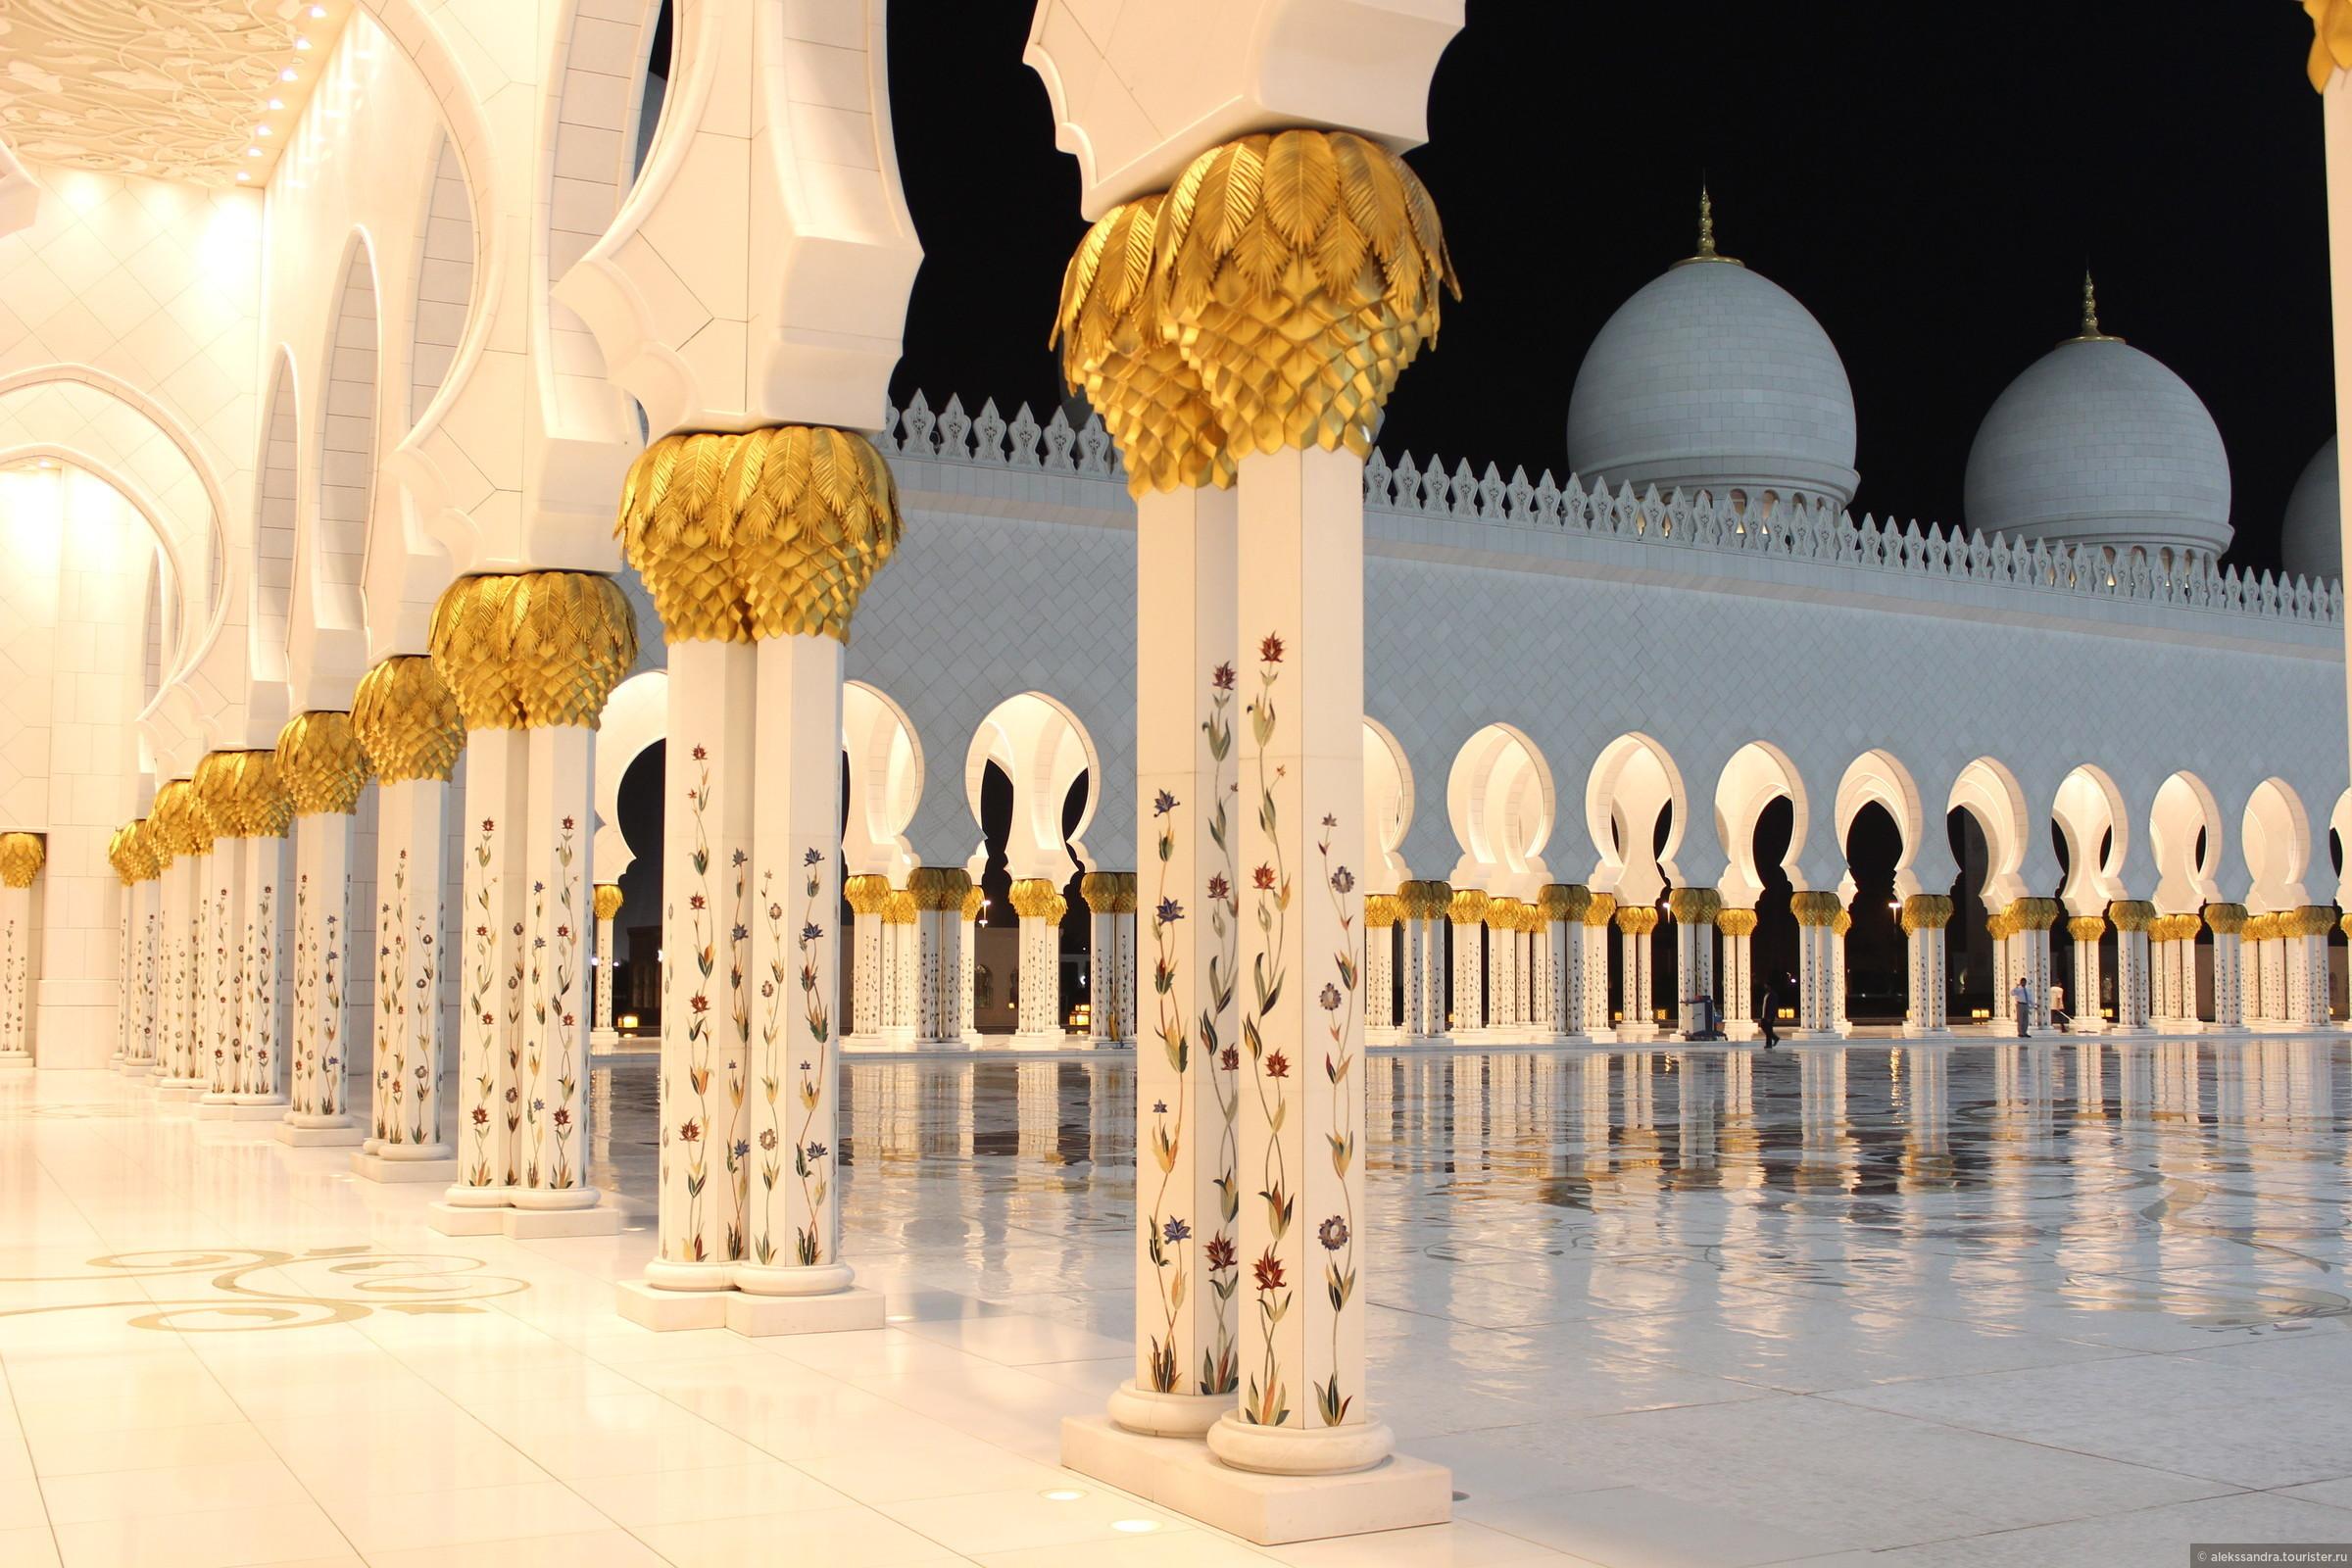 дубай мечеть шейха зайда фото